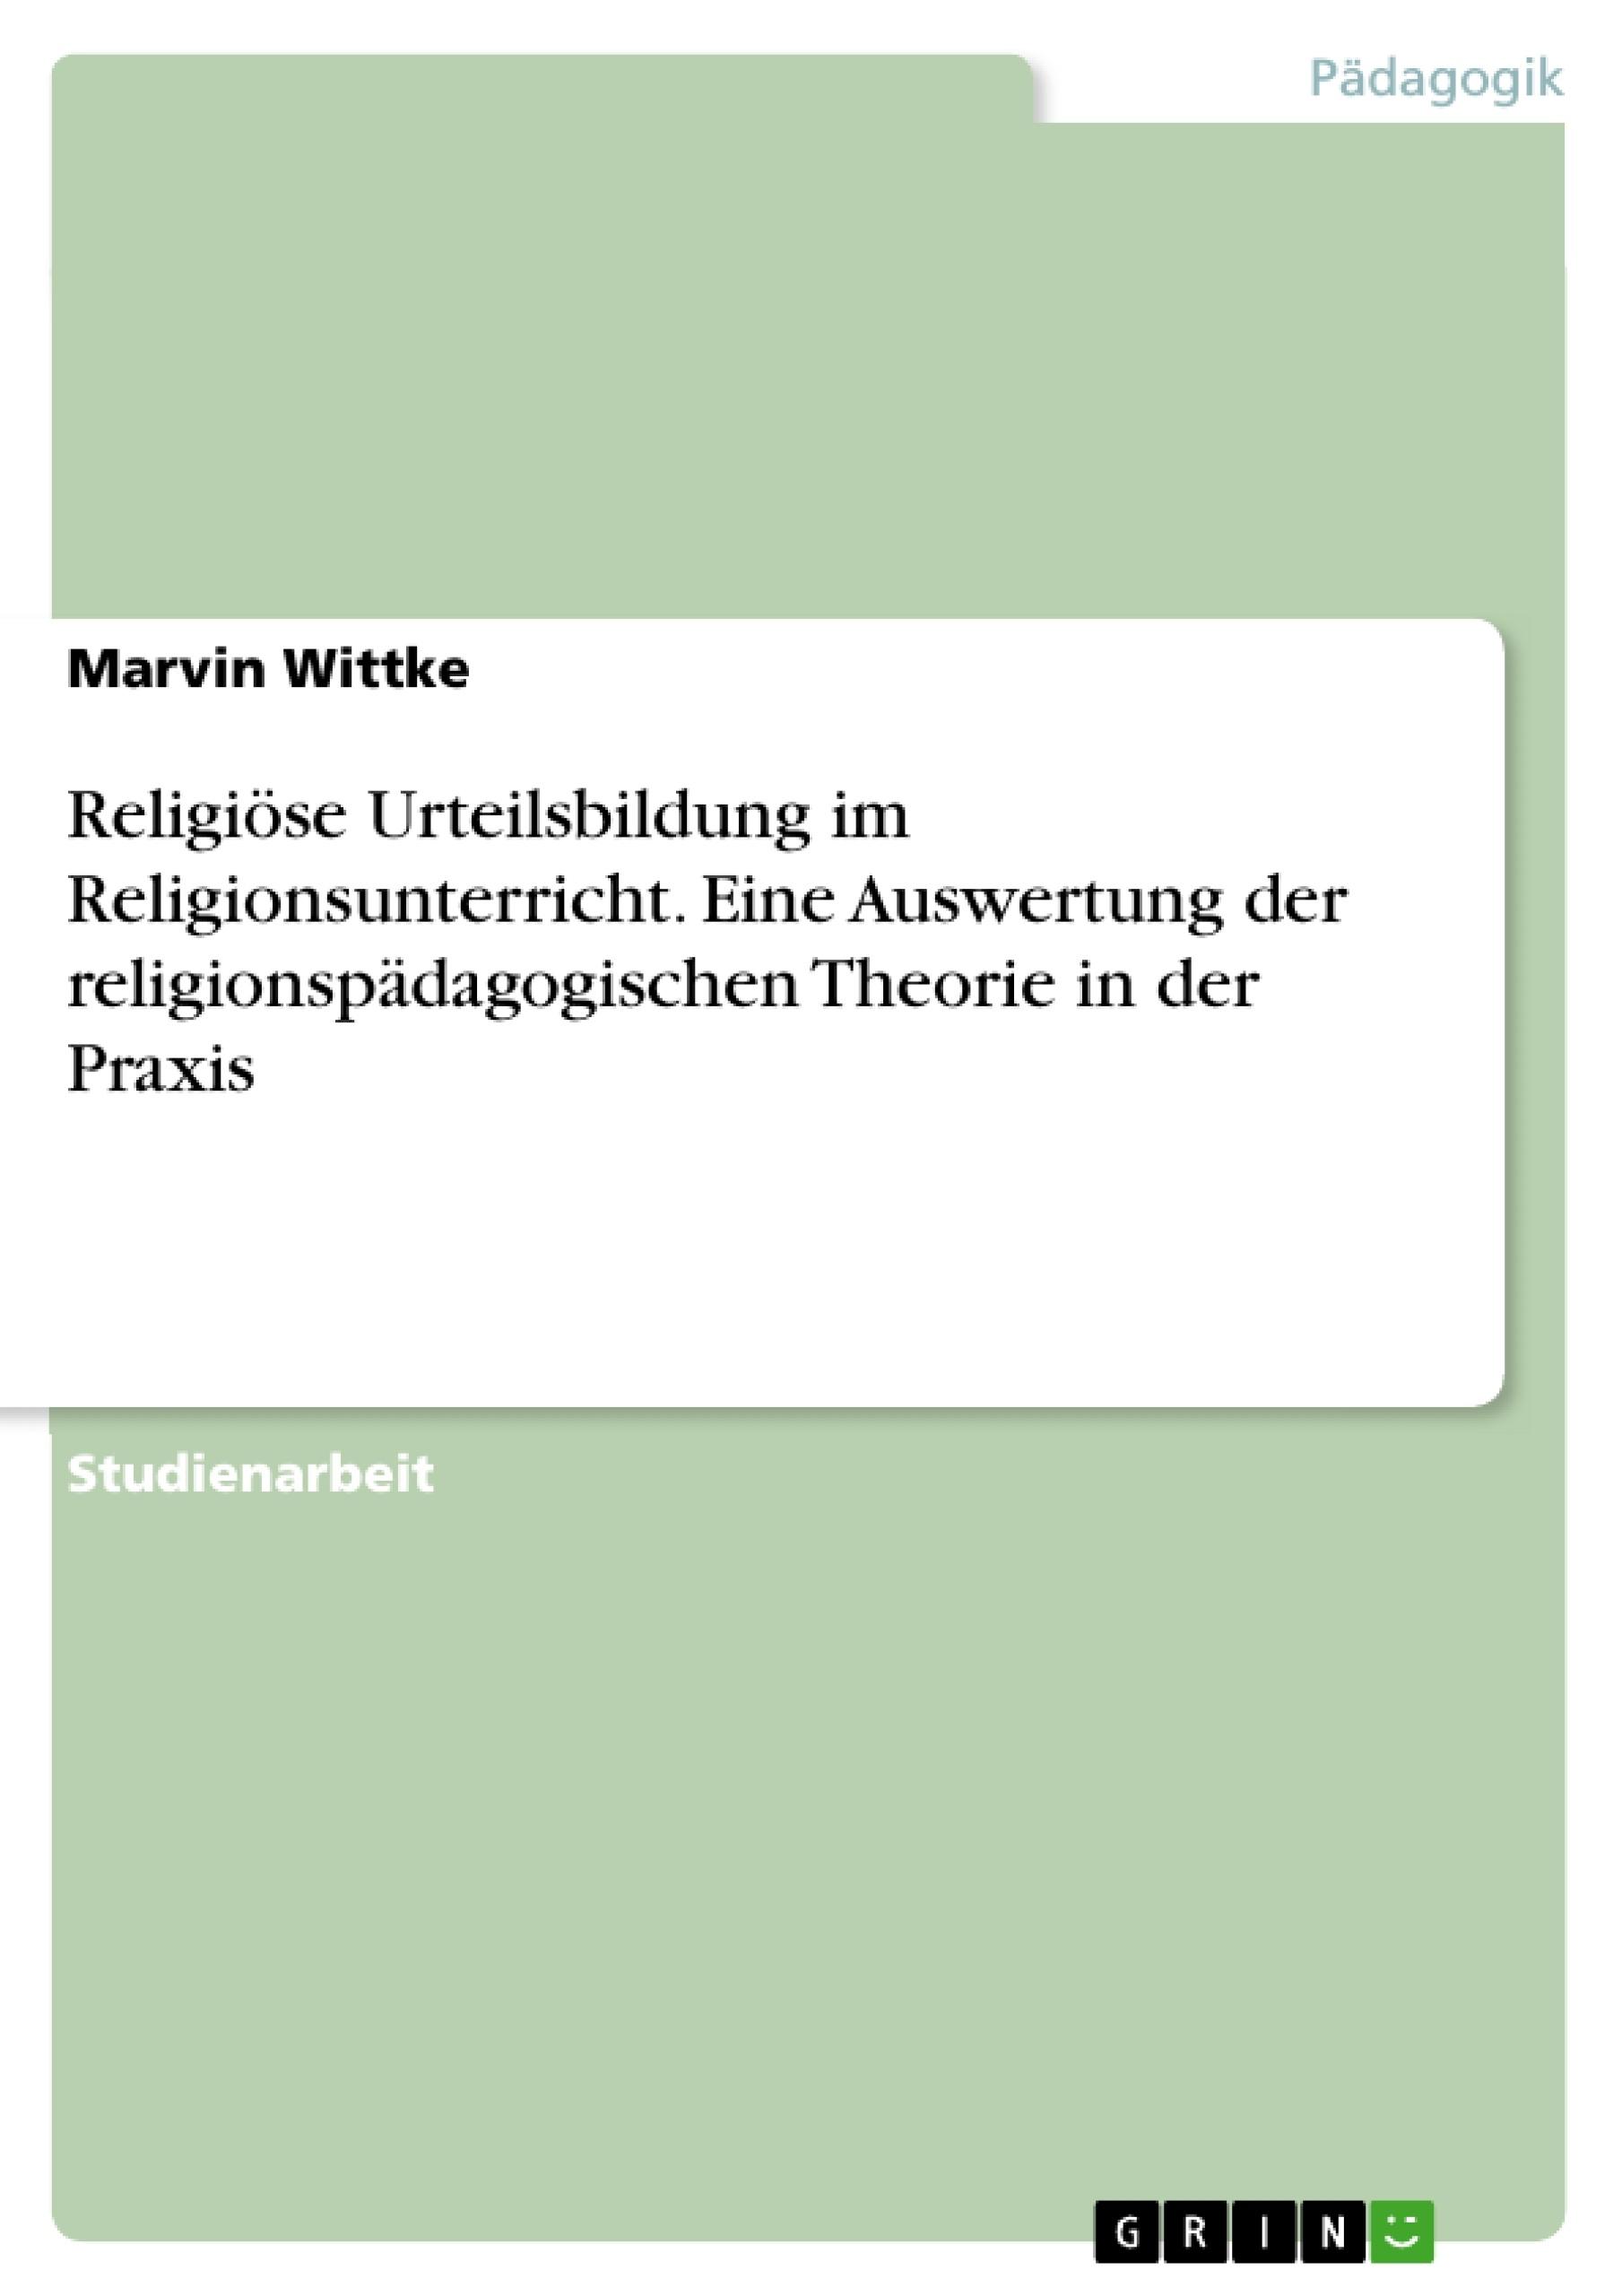 Titel: Religiöse Urteilsbildung im Religionsunterricht. Eine Auswertung der religionspädagogischen Theorie in der Praxis